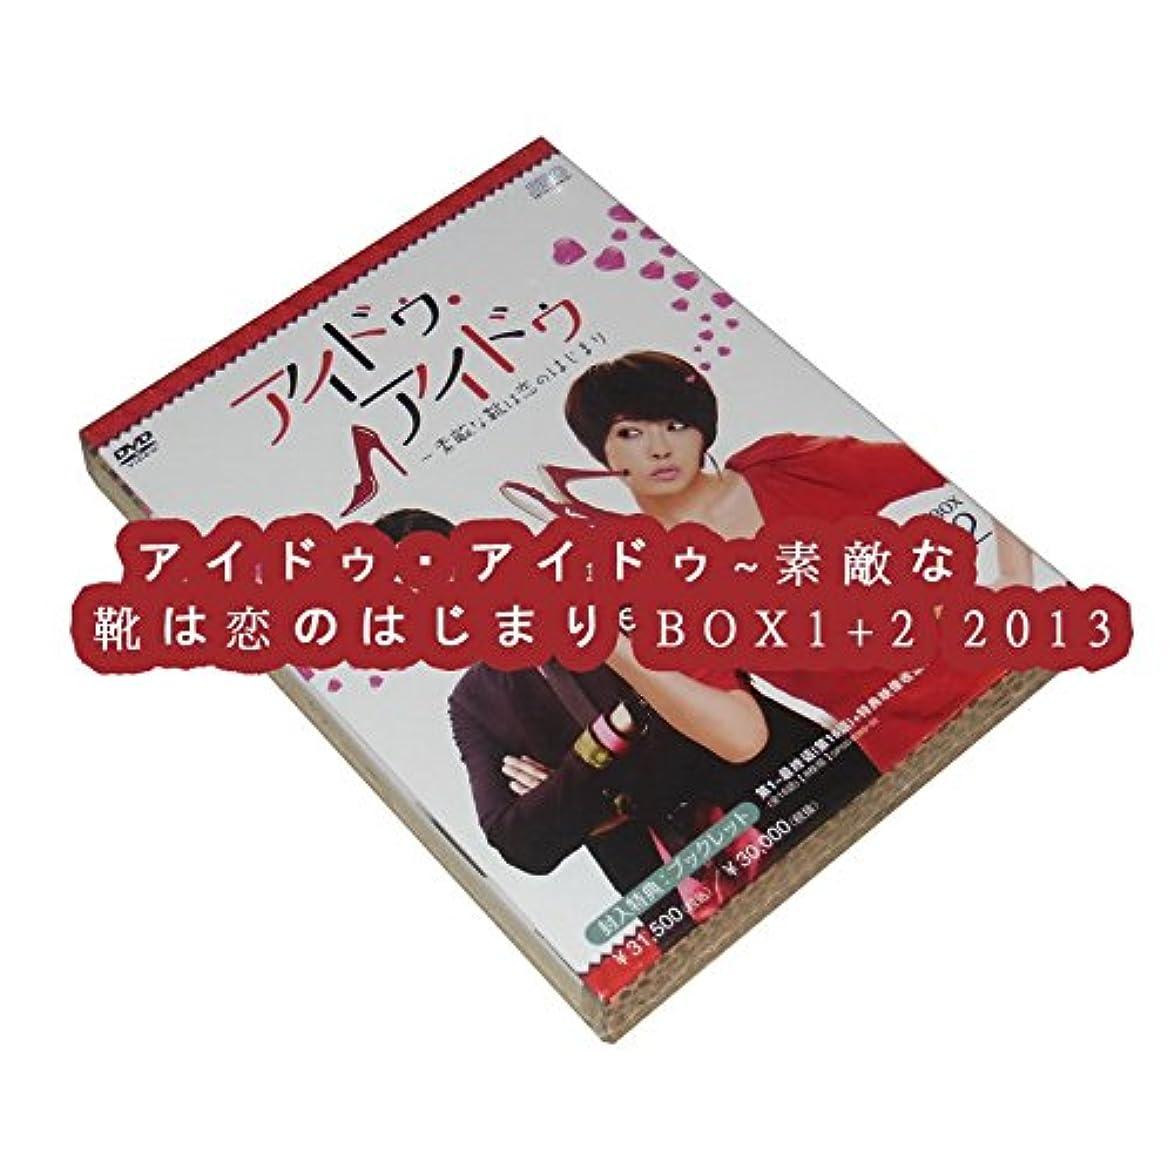 広げる分岐する気楽なアイドゥ?アイドゥ~素敵な靴は恋のはじまり BOX1+2 2013